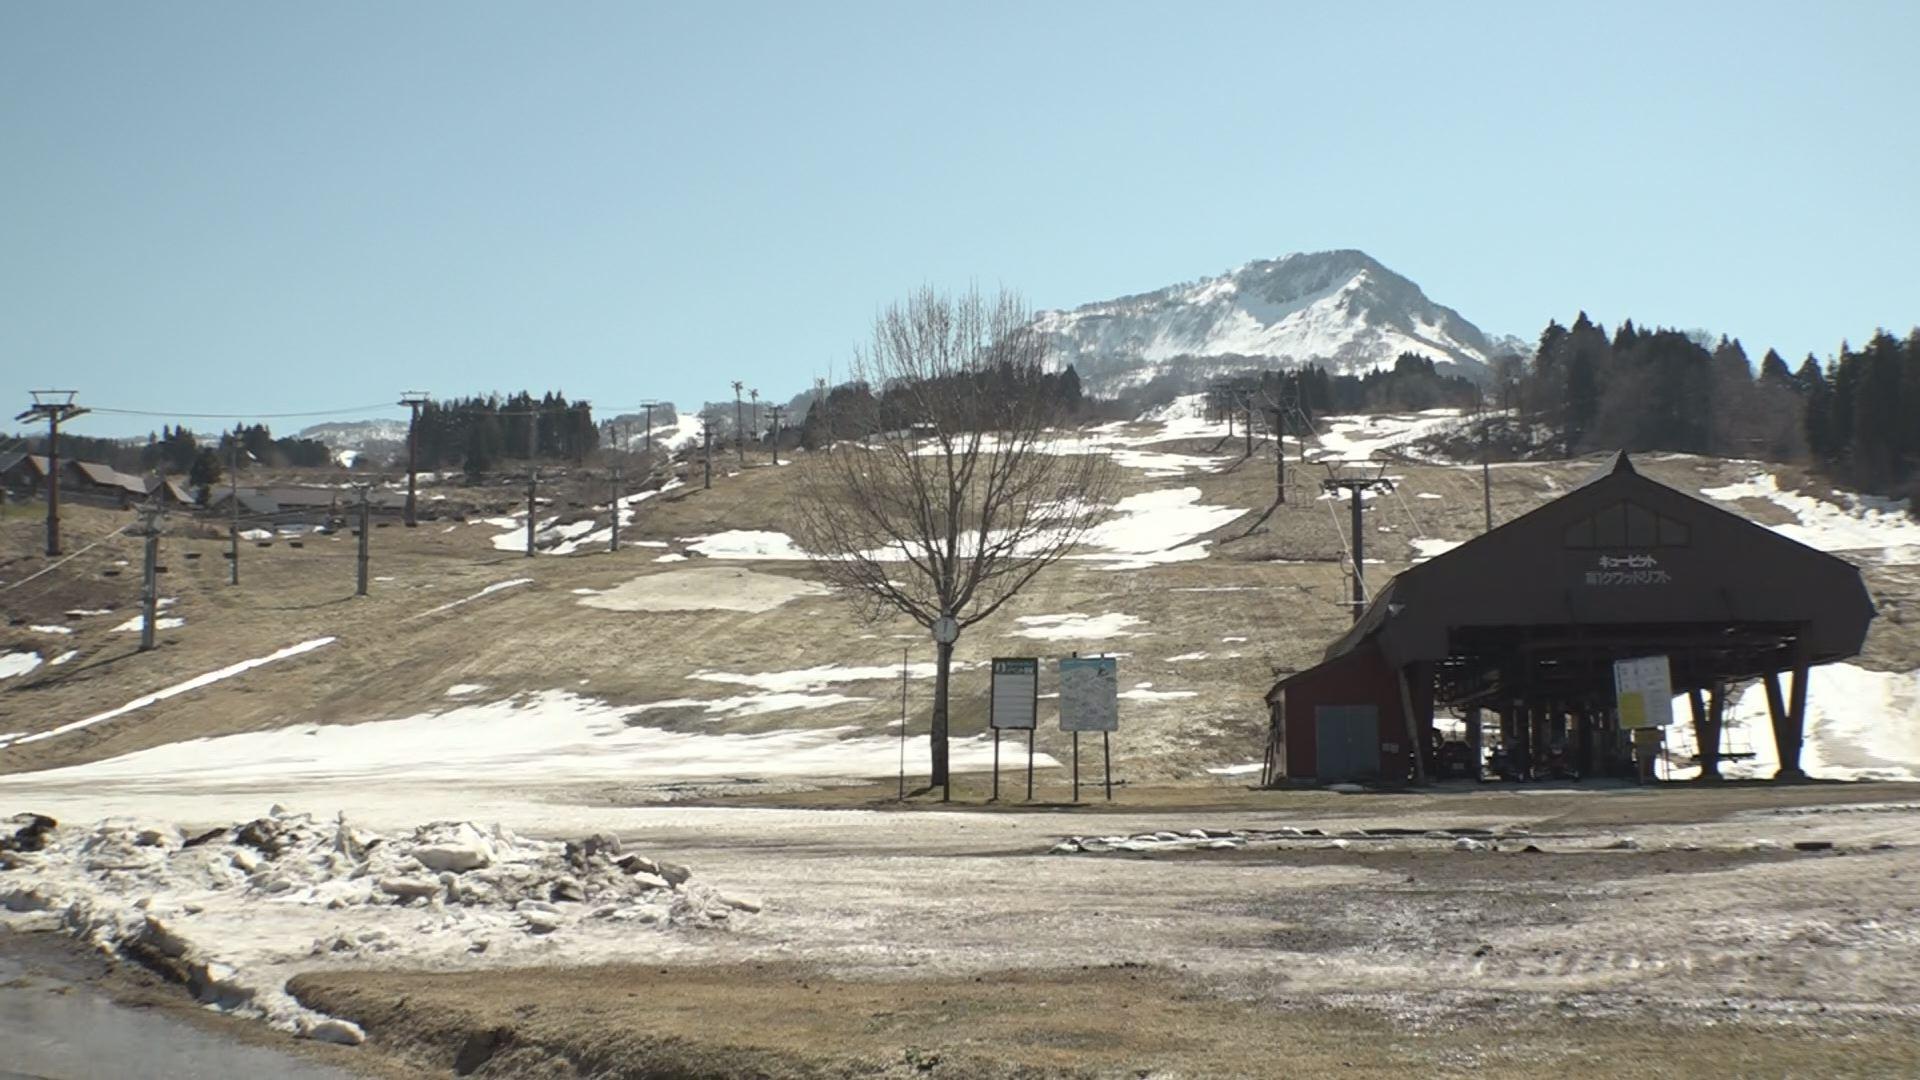 200330_雪だるま高原 継続に向けて2社と交渉